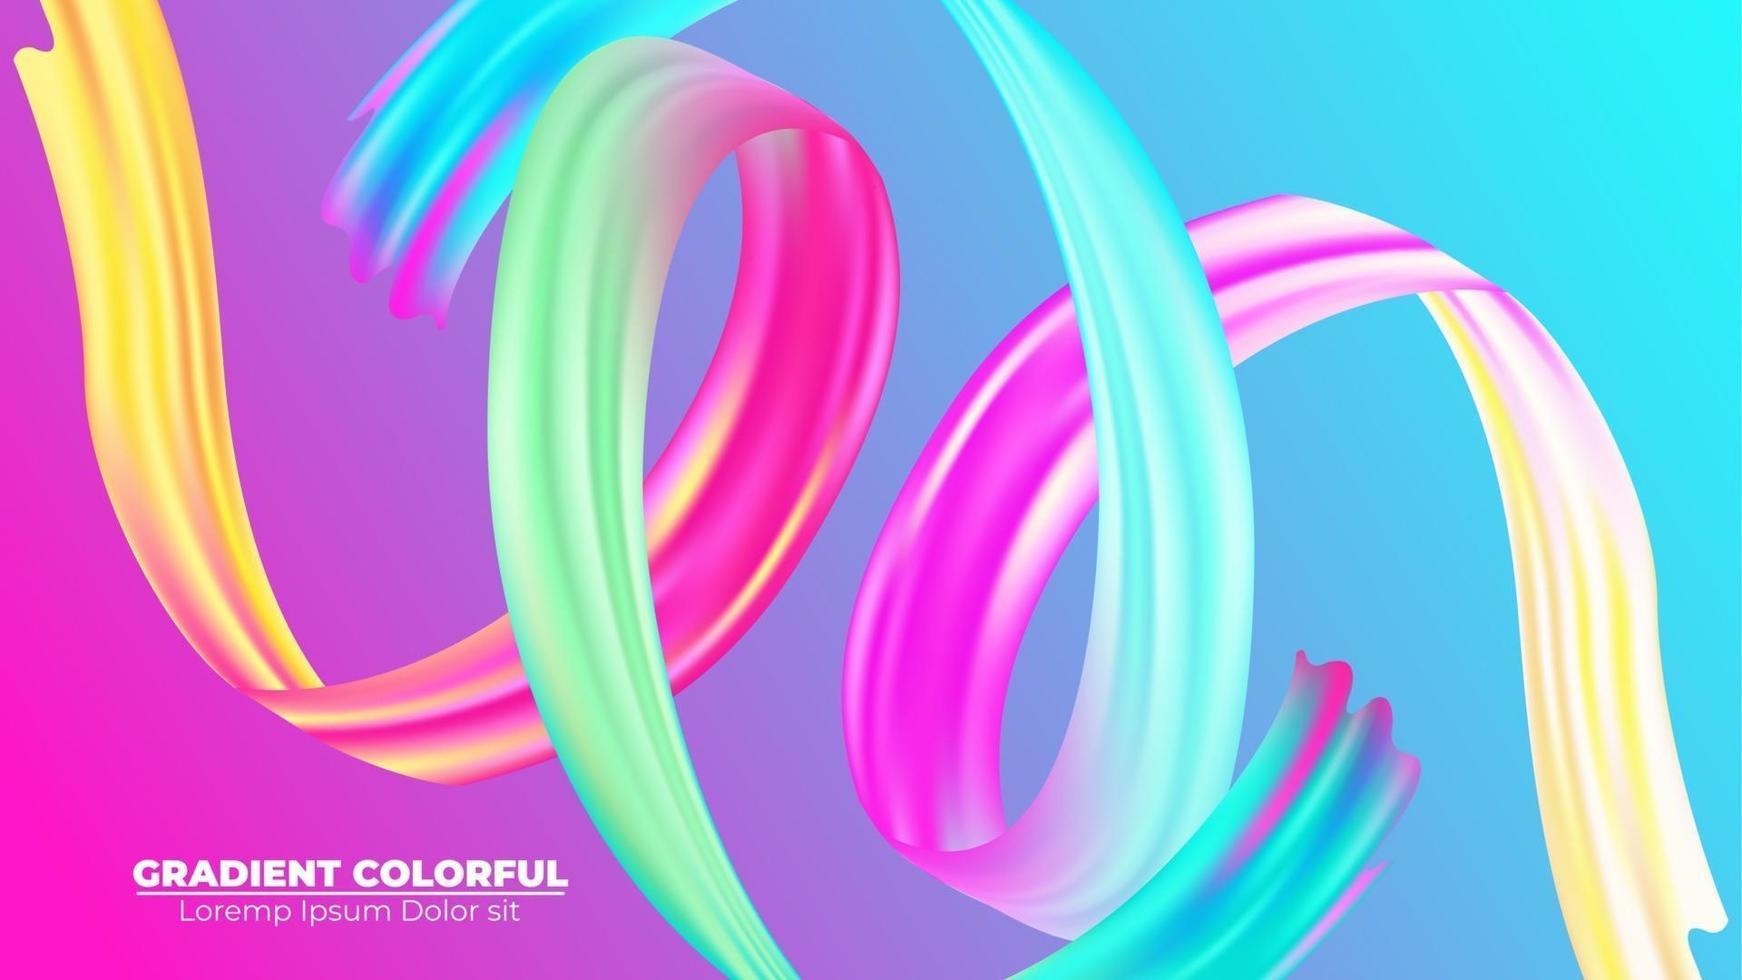 Farbe Pinselstrich Öl oder Acrylfarbe Hintergrund modern bunt. geeignet für Tapete, Banner, Hintergrund, Karte, Buchillustration, Landing Page, Geschenk, Cover, Flyer, Bericht, Geschäft, vektor